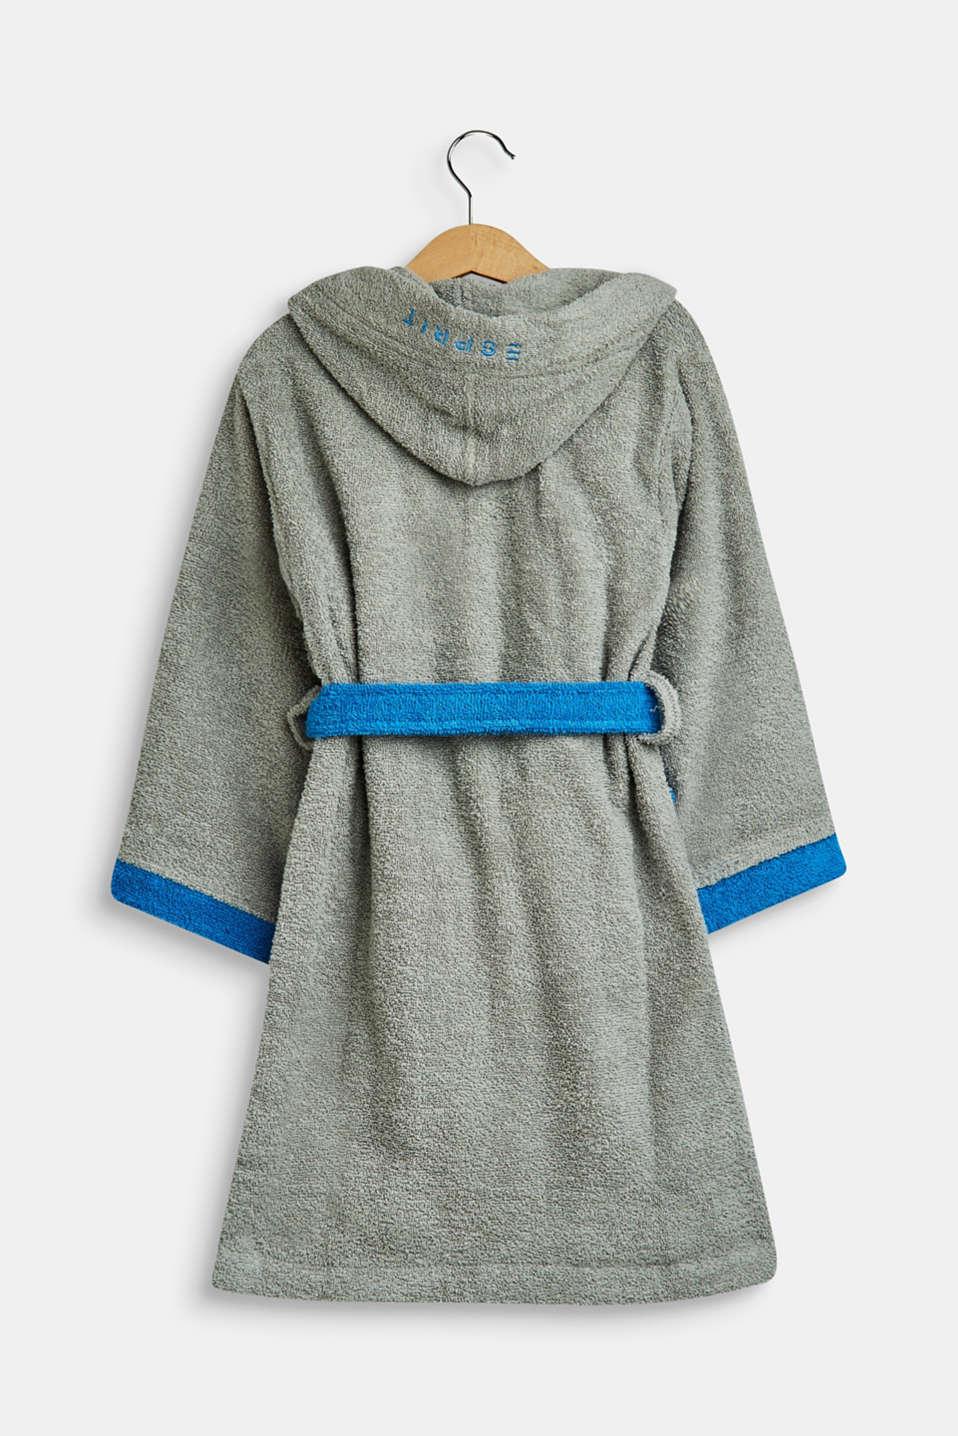 Children's bathrobe in 100% cotton, GREY/BLUE, detail image number 1